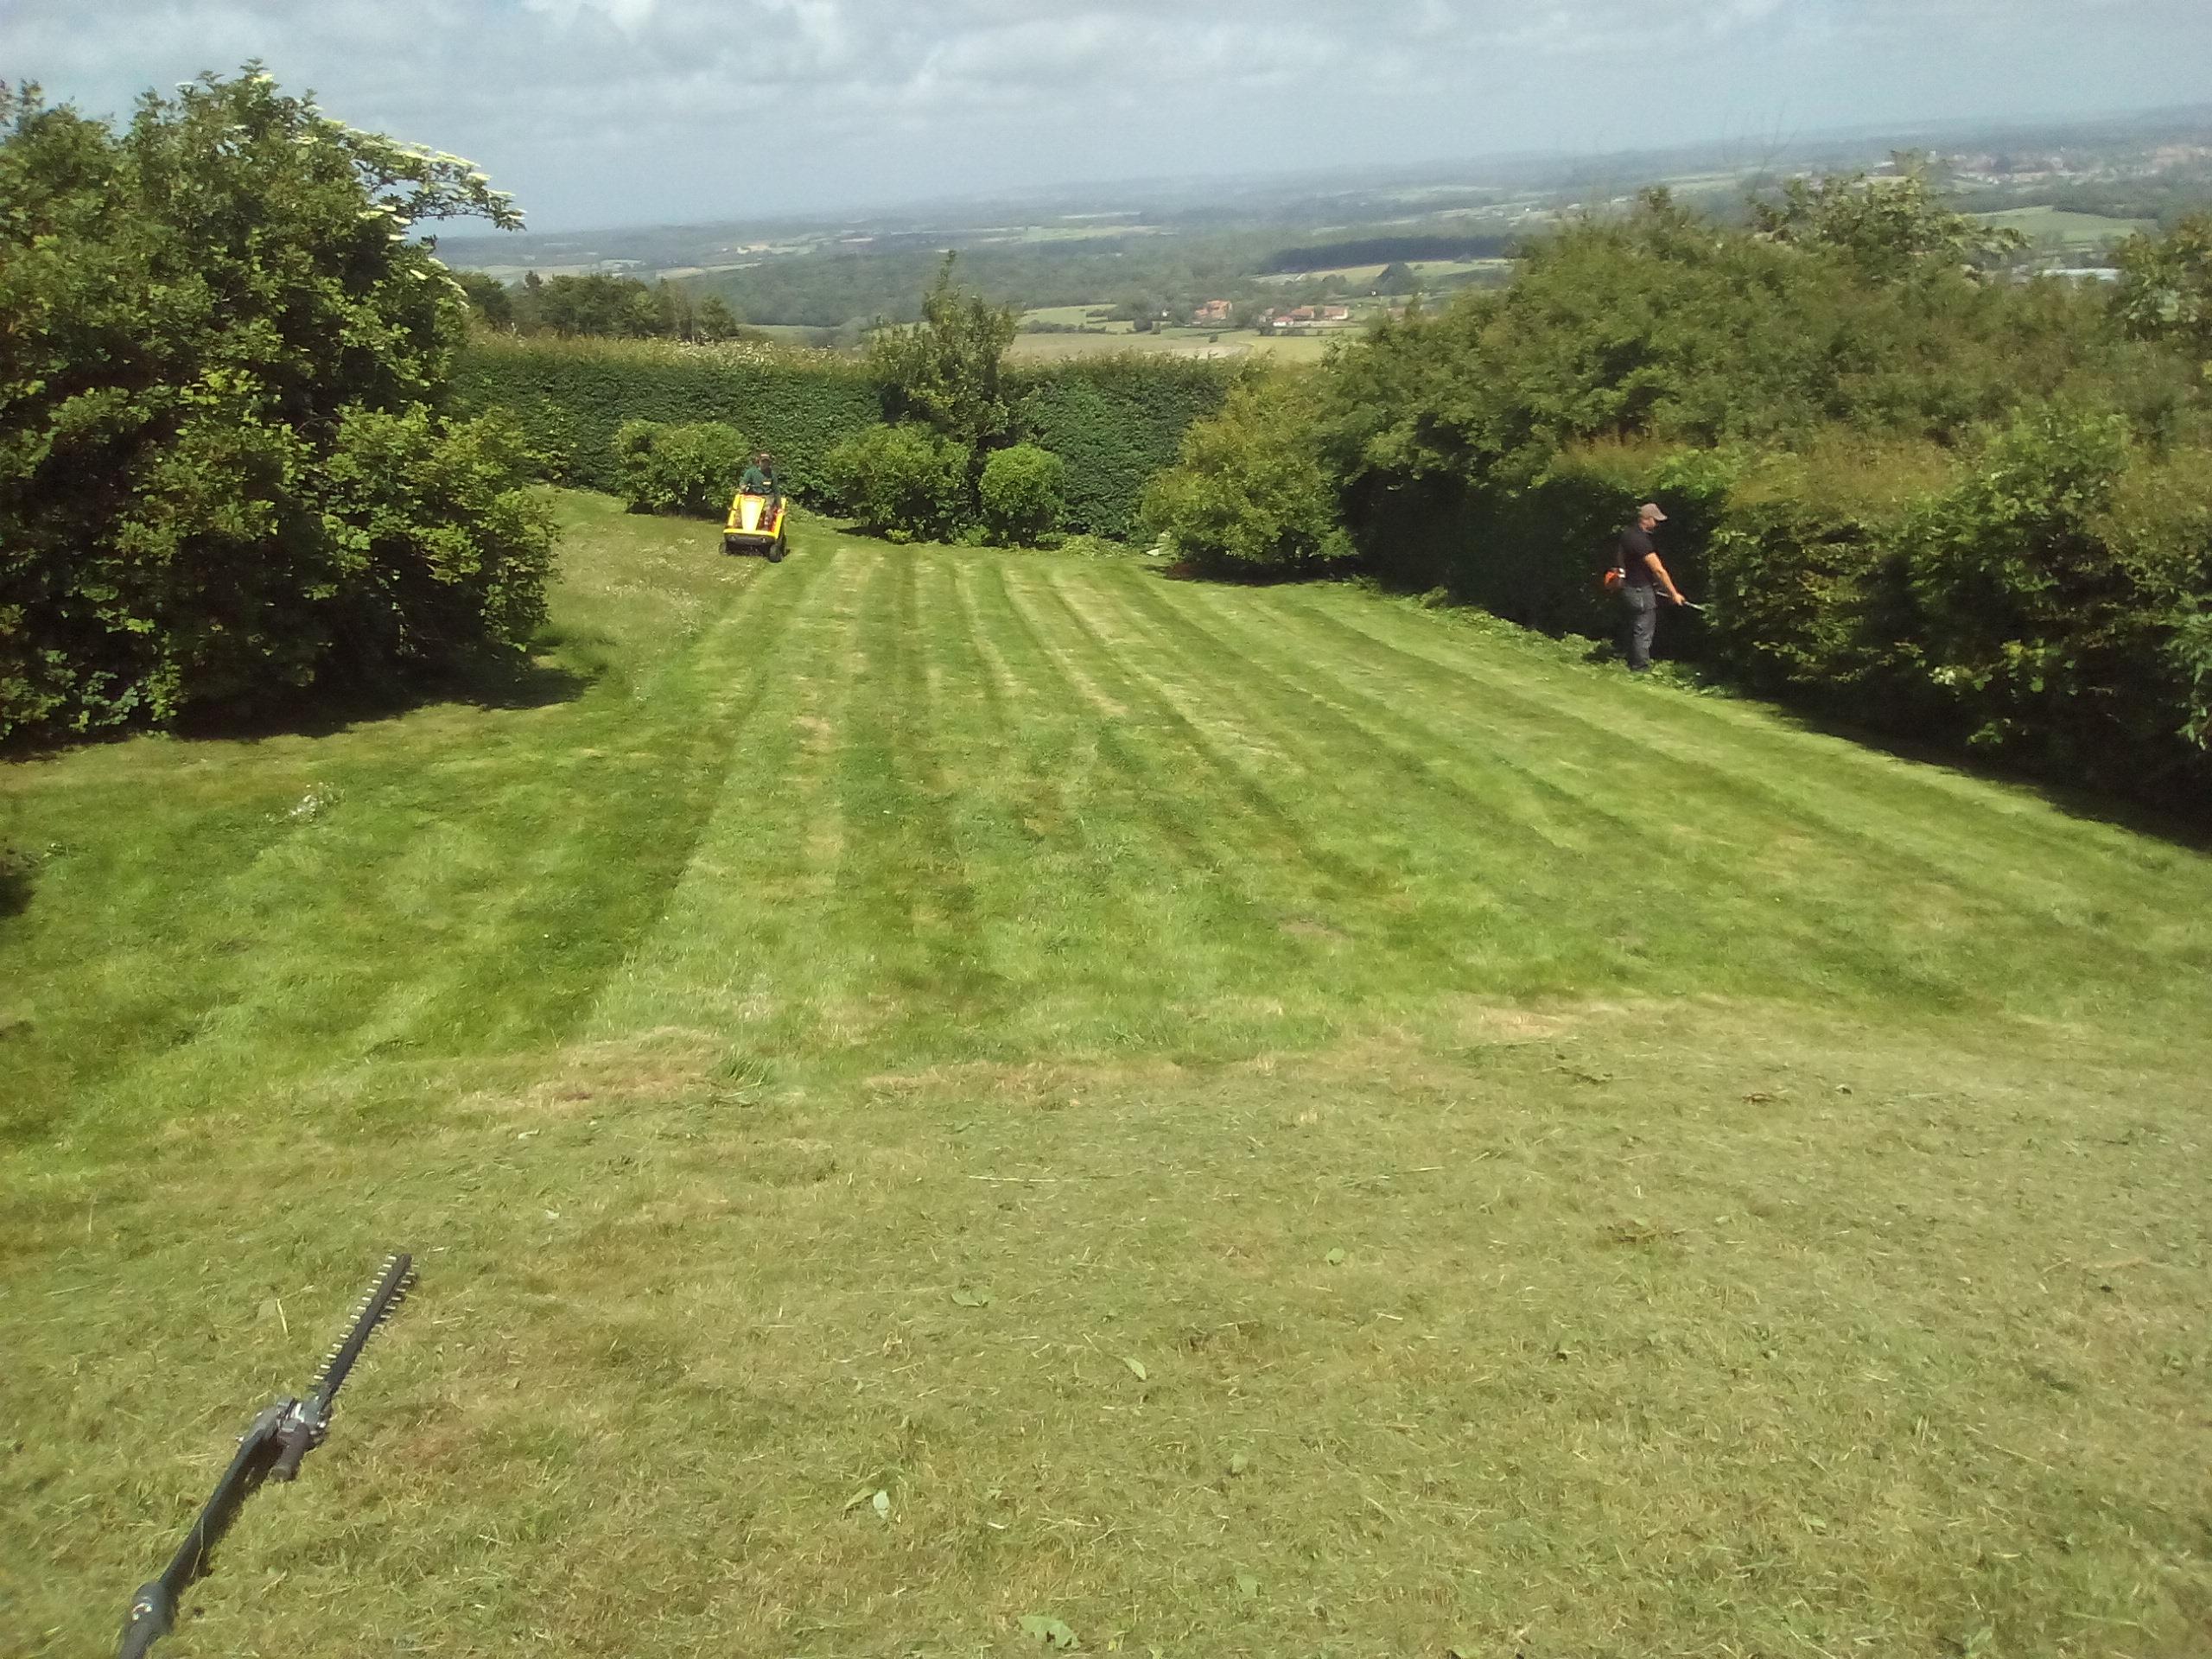 Entretien de jardins en cheque emploi service for Entretien jardin quimper cesu